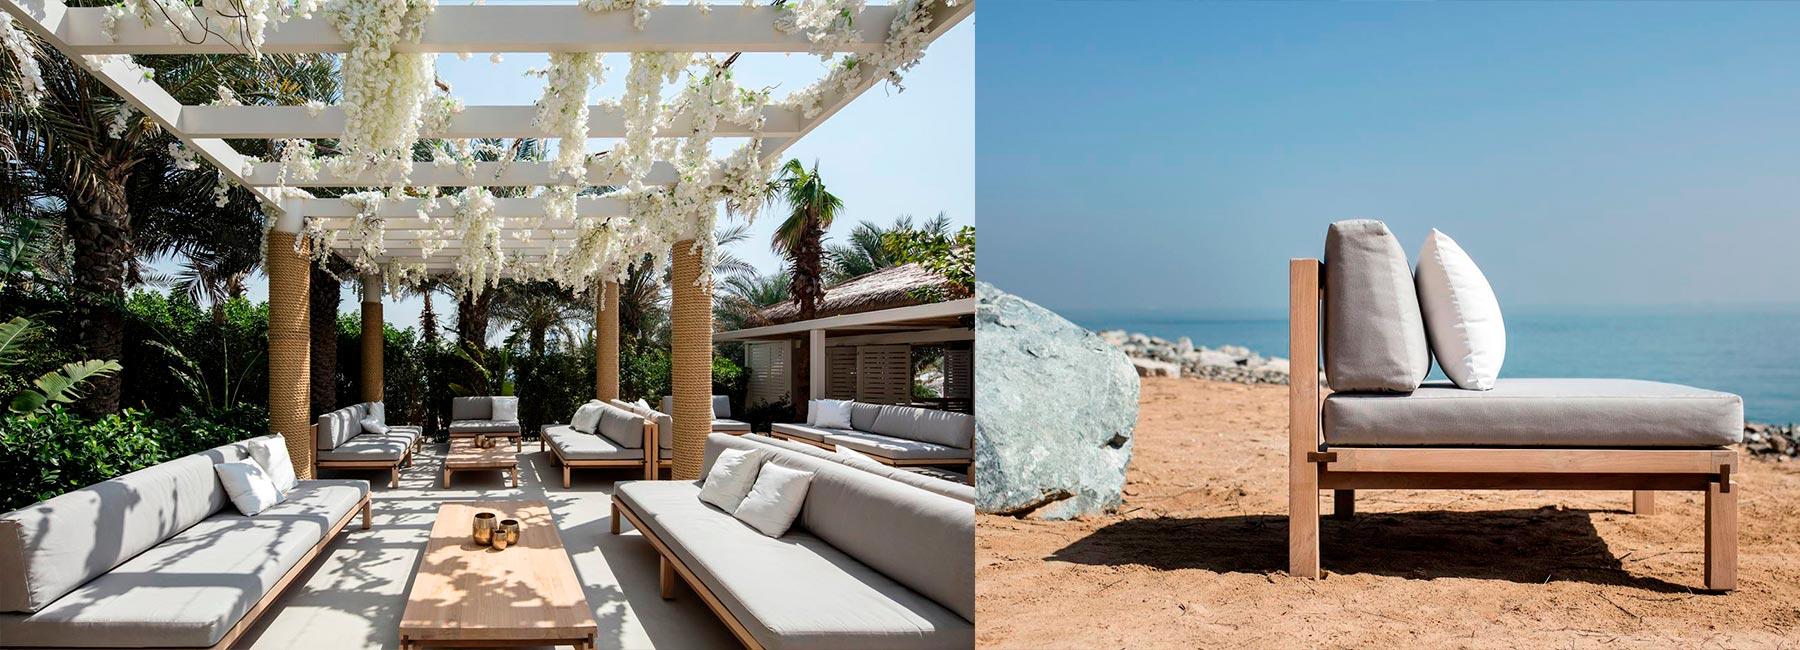 Эль Чирингито – частный пляж на Ибице по проекту ANARCHITECT